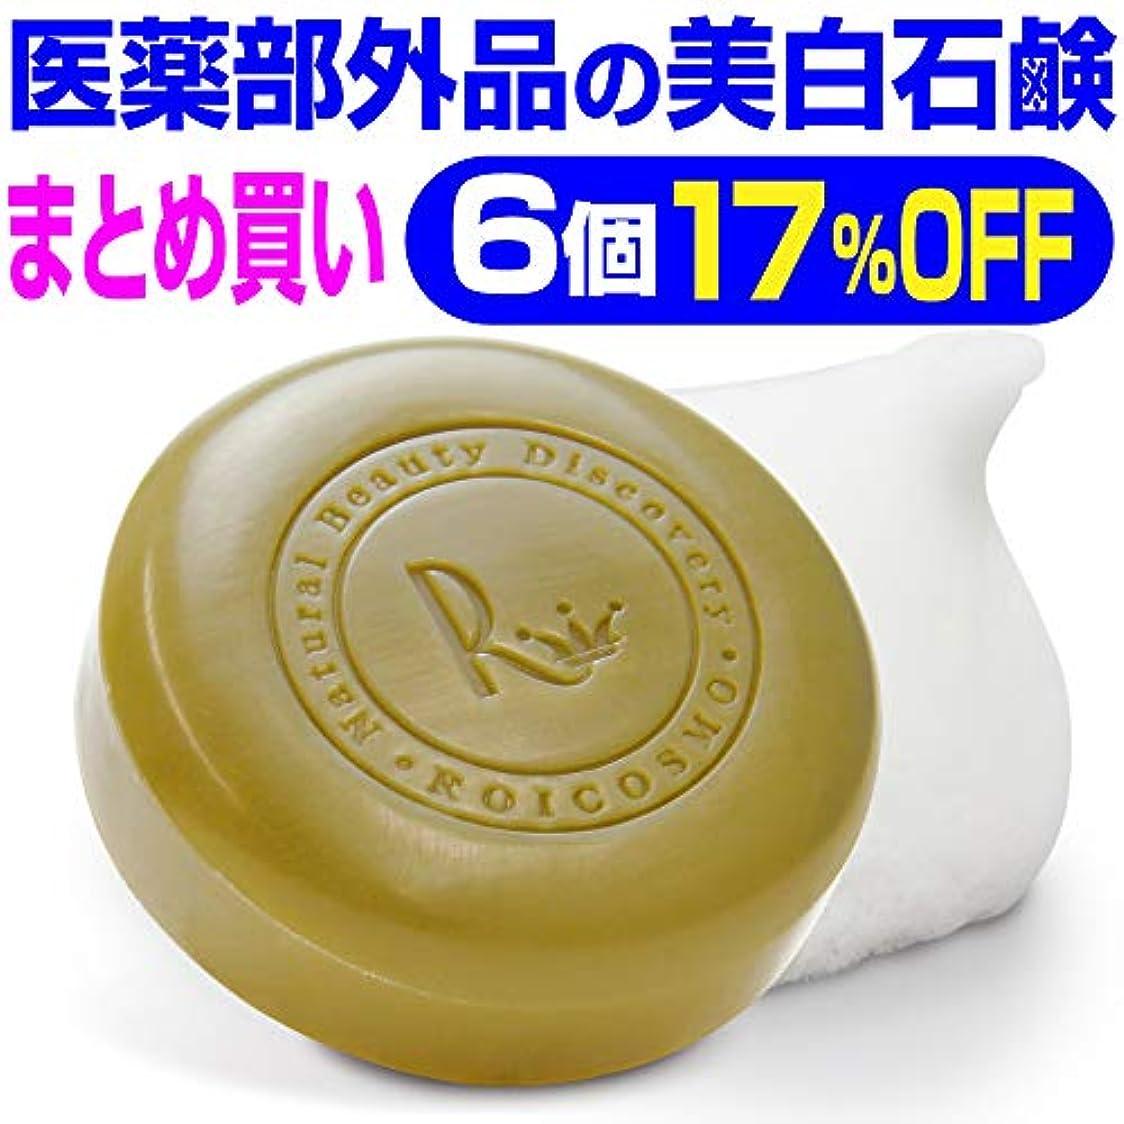 ログ擬人化友情6個まとめ買い17%OFF 美白石鹸/ビタミンC270倍の美白成分配合の 洗顔石鹸『ホワイトソープ100g×6個』